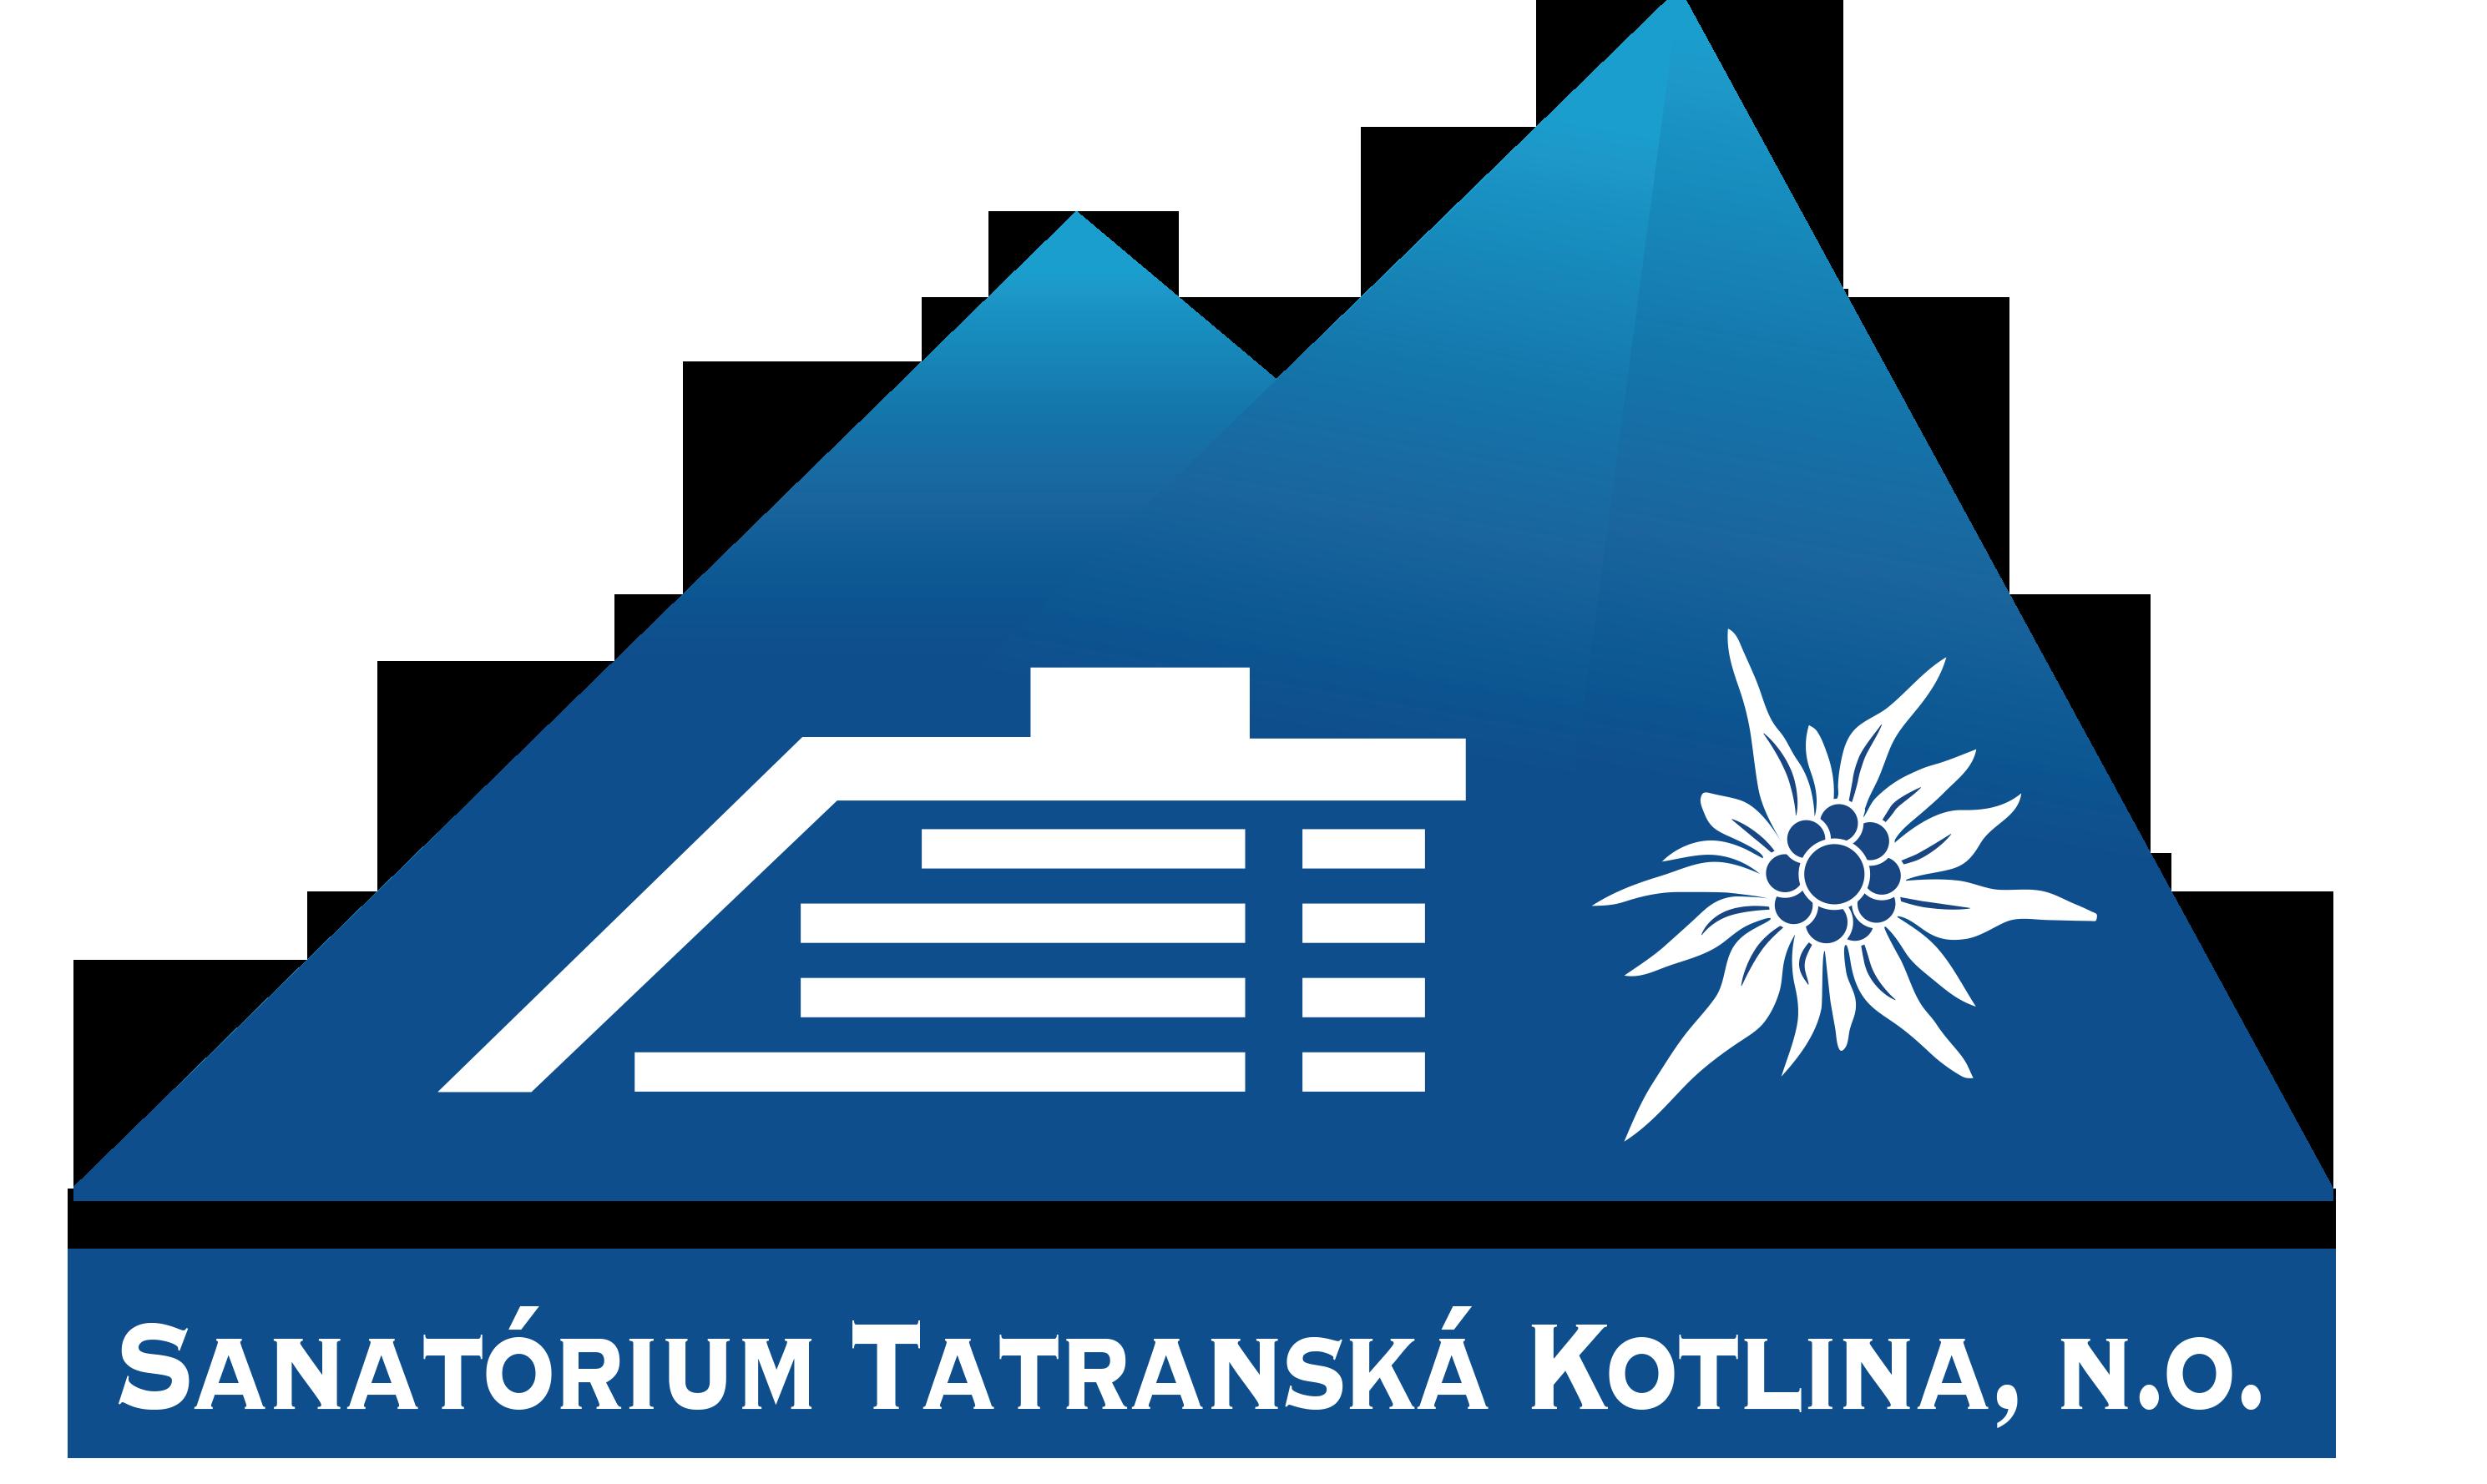 Sanatórium Tatranská Kotlina - Odborný liečebný ústav a prírodné liečebné kúpele